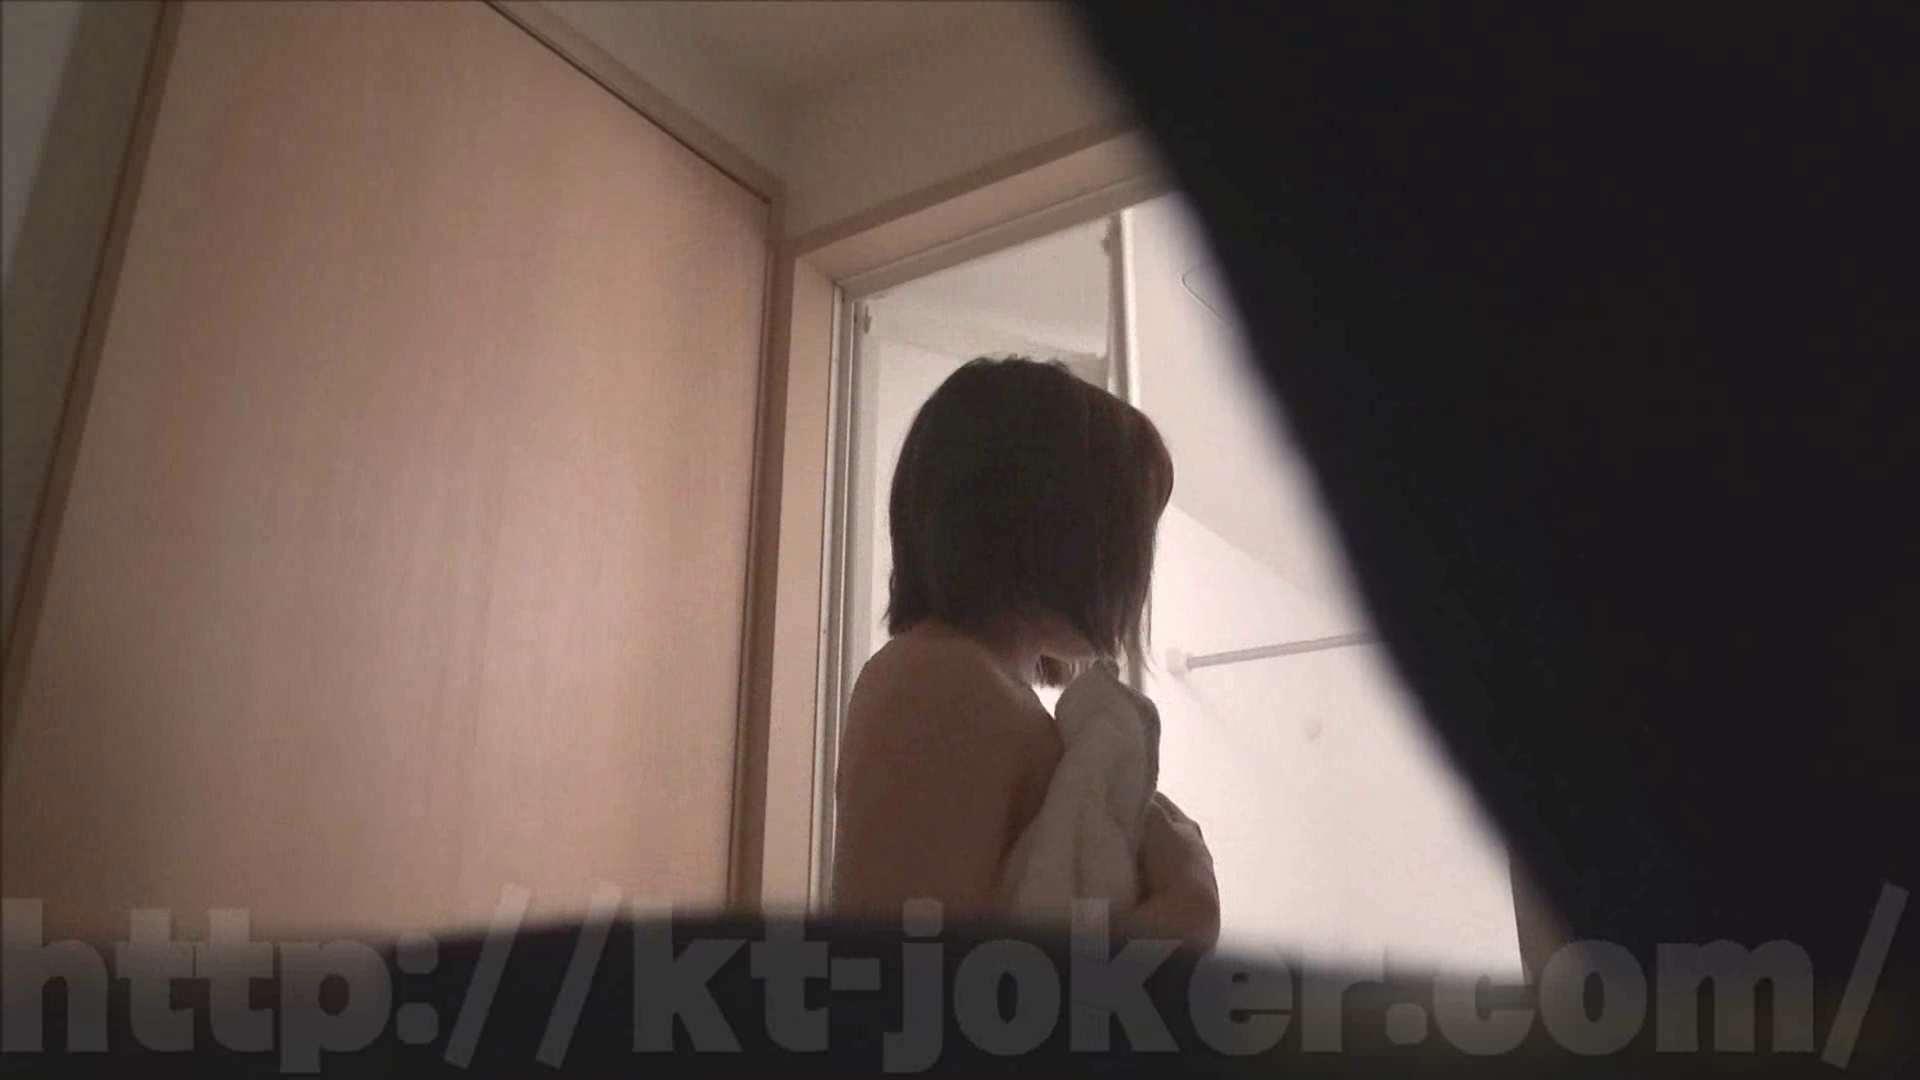 イ・タ・ズ・ラ劇場 Vol.46 女子大生のエロ生活 すけべAV動画紹介 108連発 92